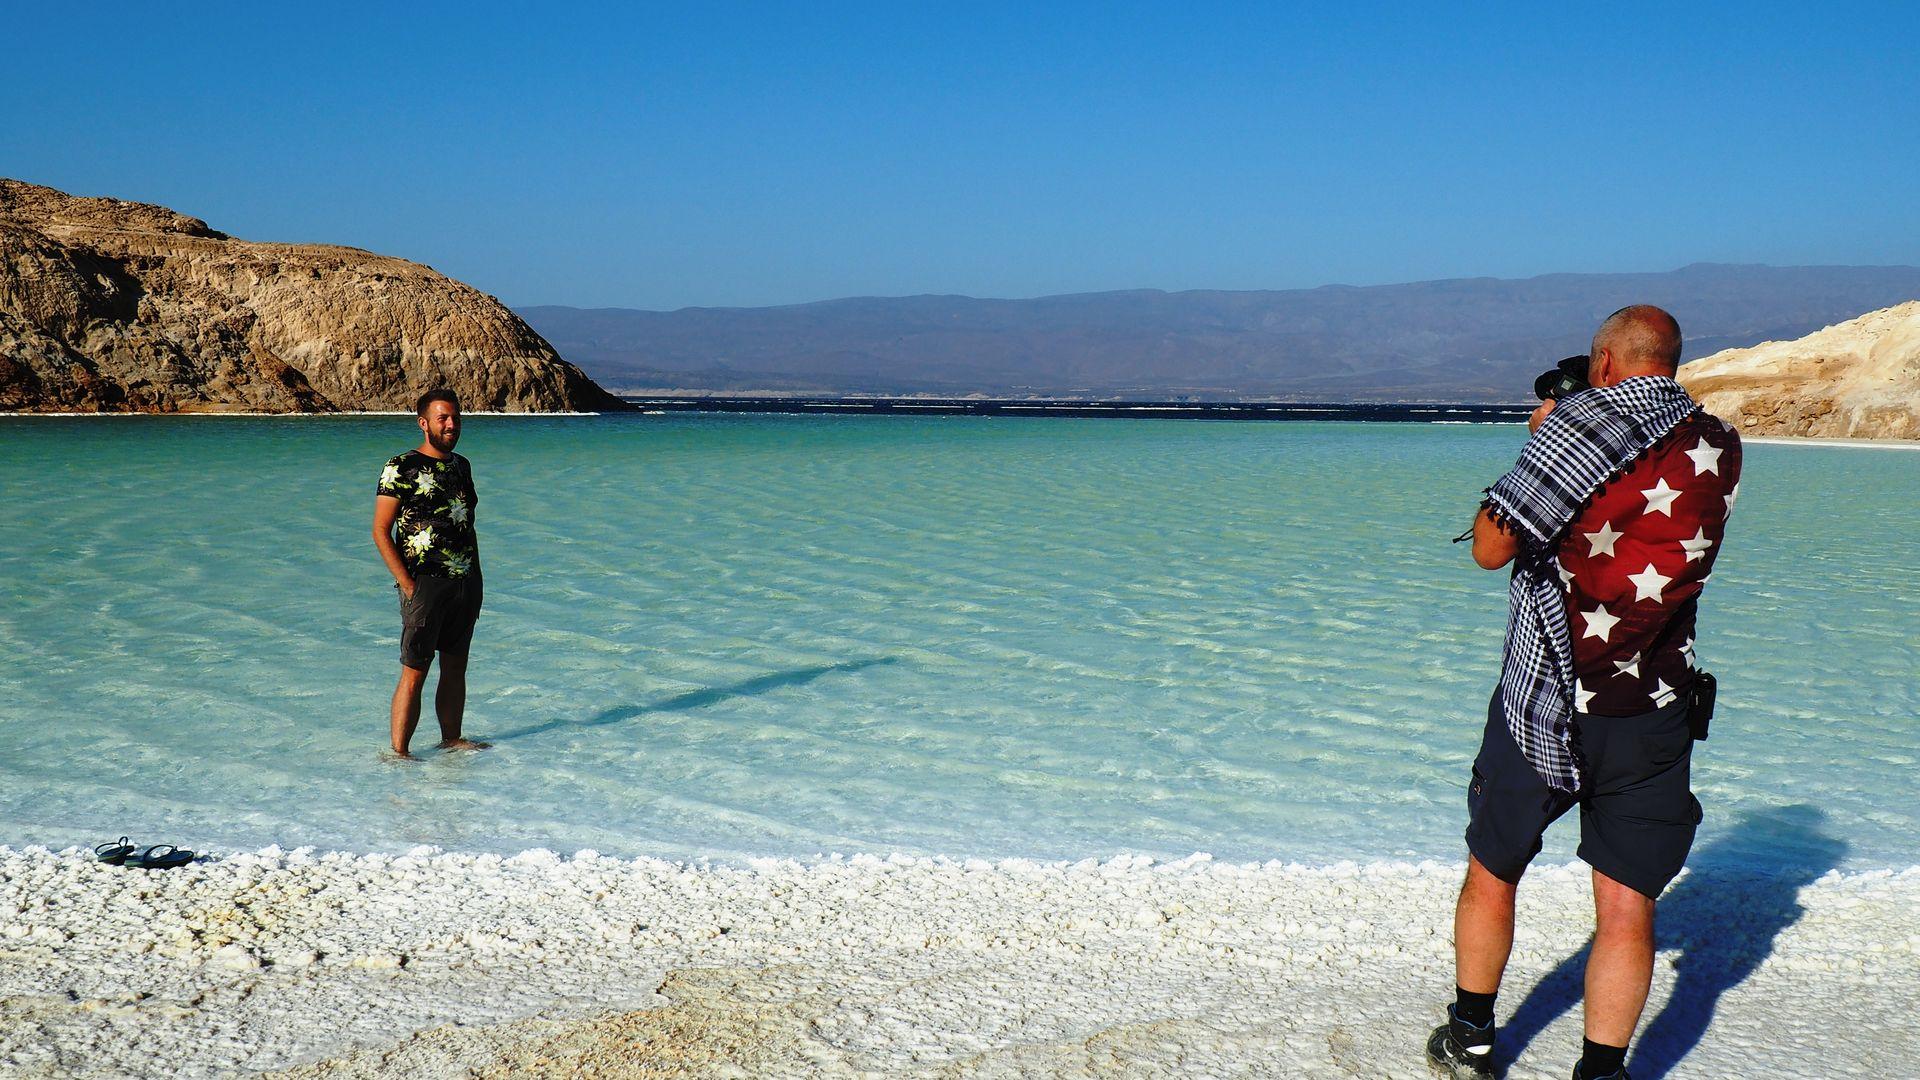 Beste reistijd Djibouti - Weer, klimaat & regenseizoen informatie